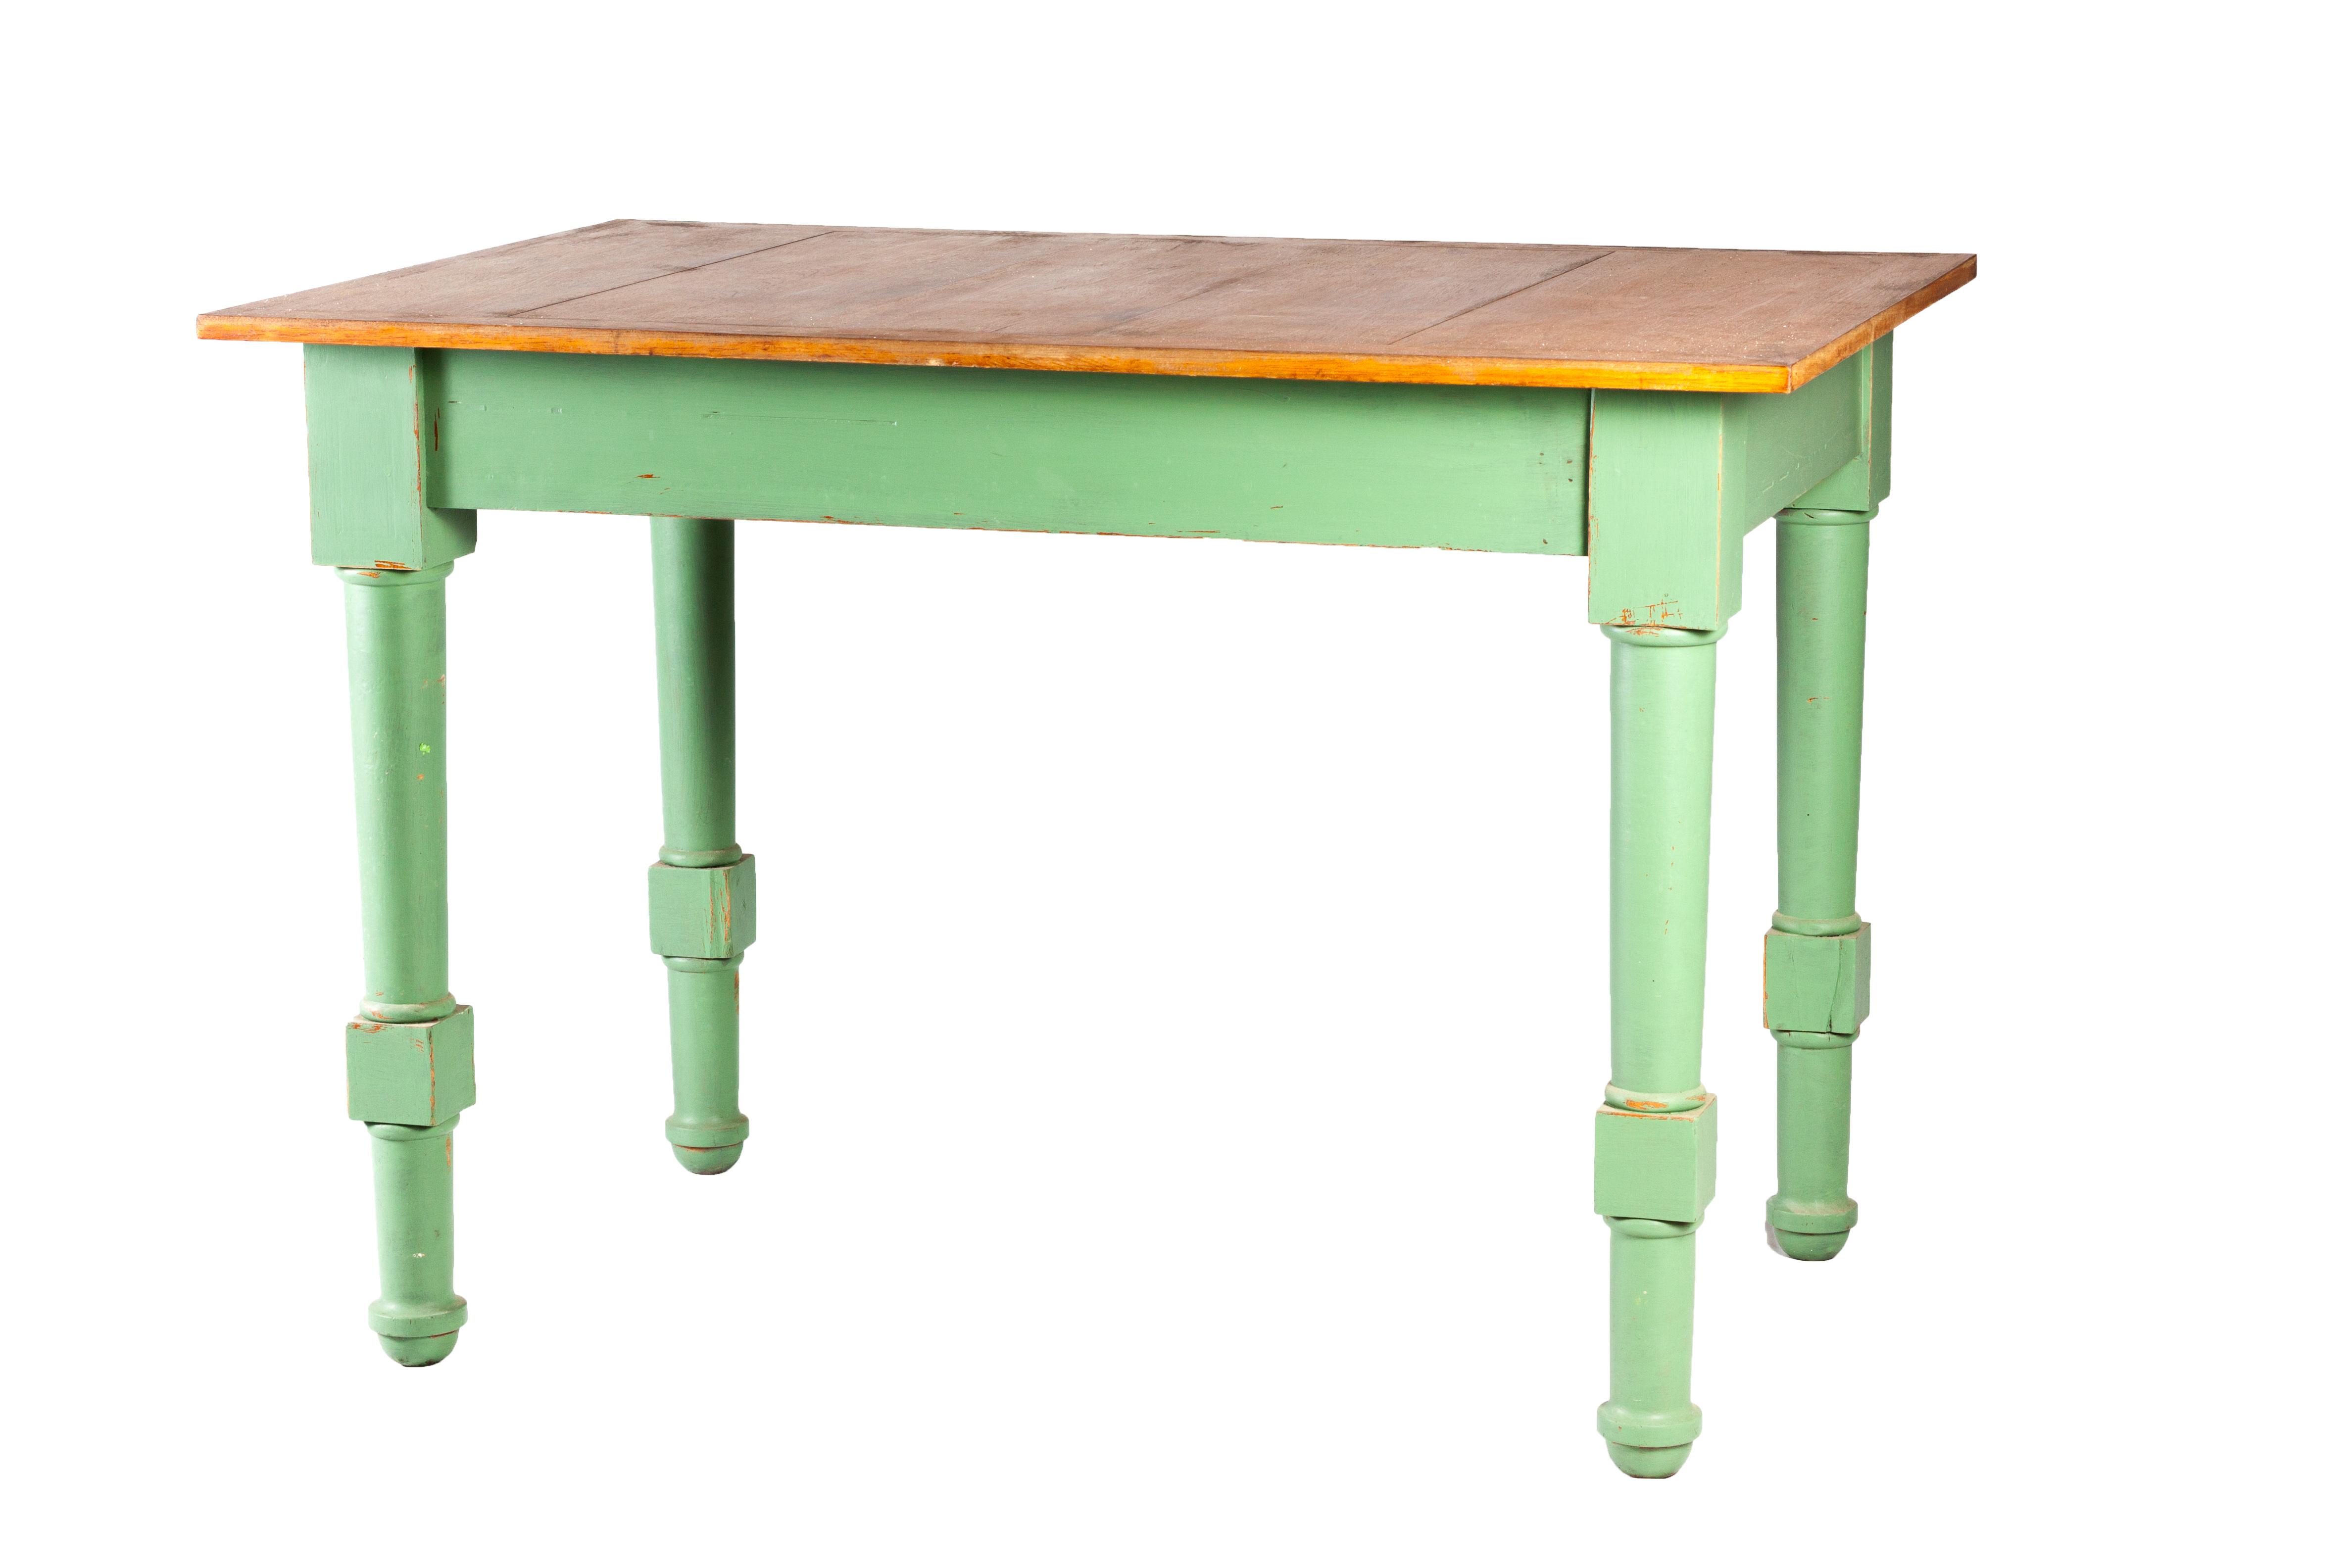 Mesa de cocina recuperada polonium 209 - Mesa cocina vintage ...